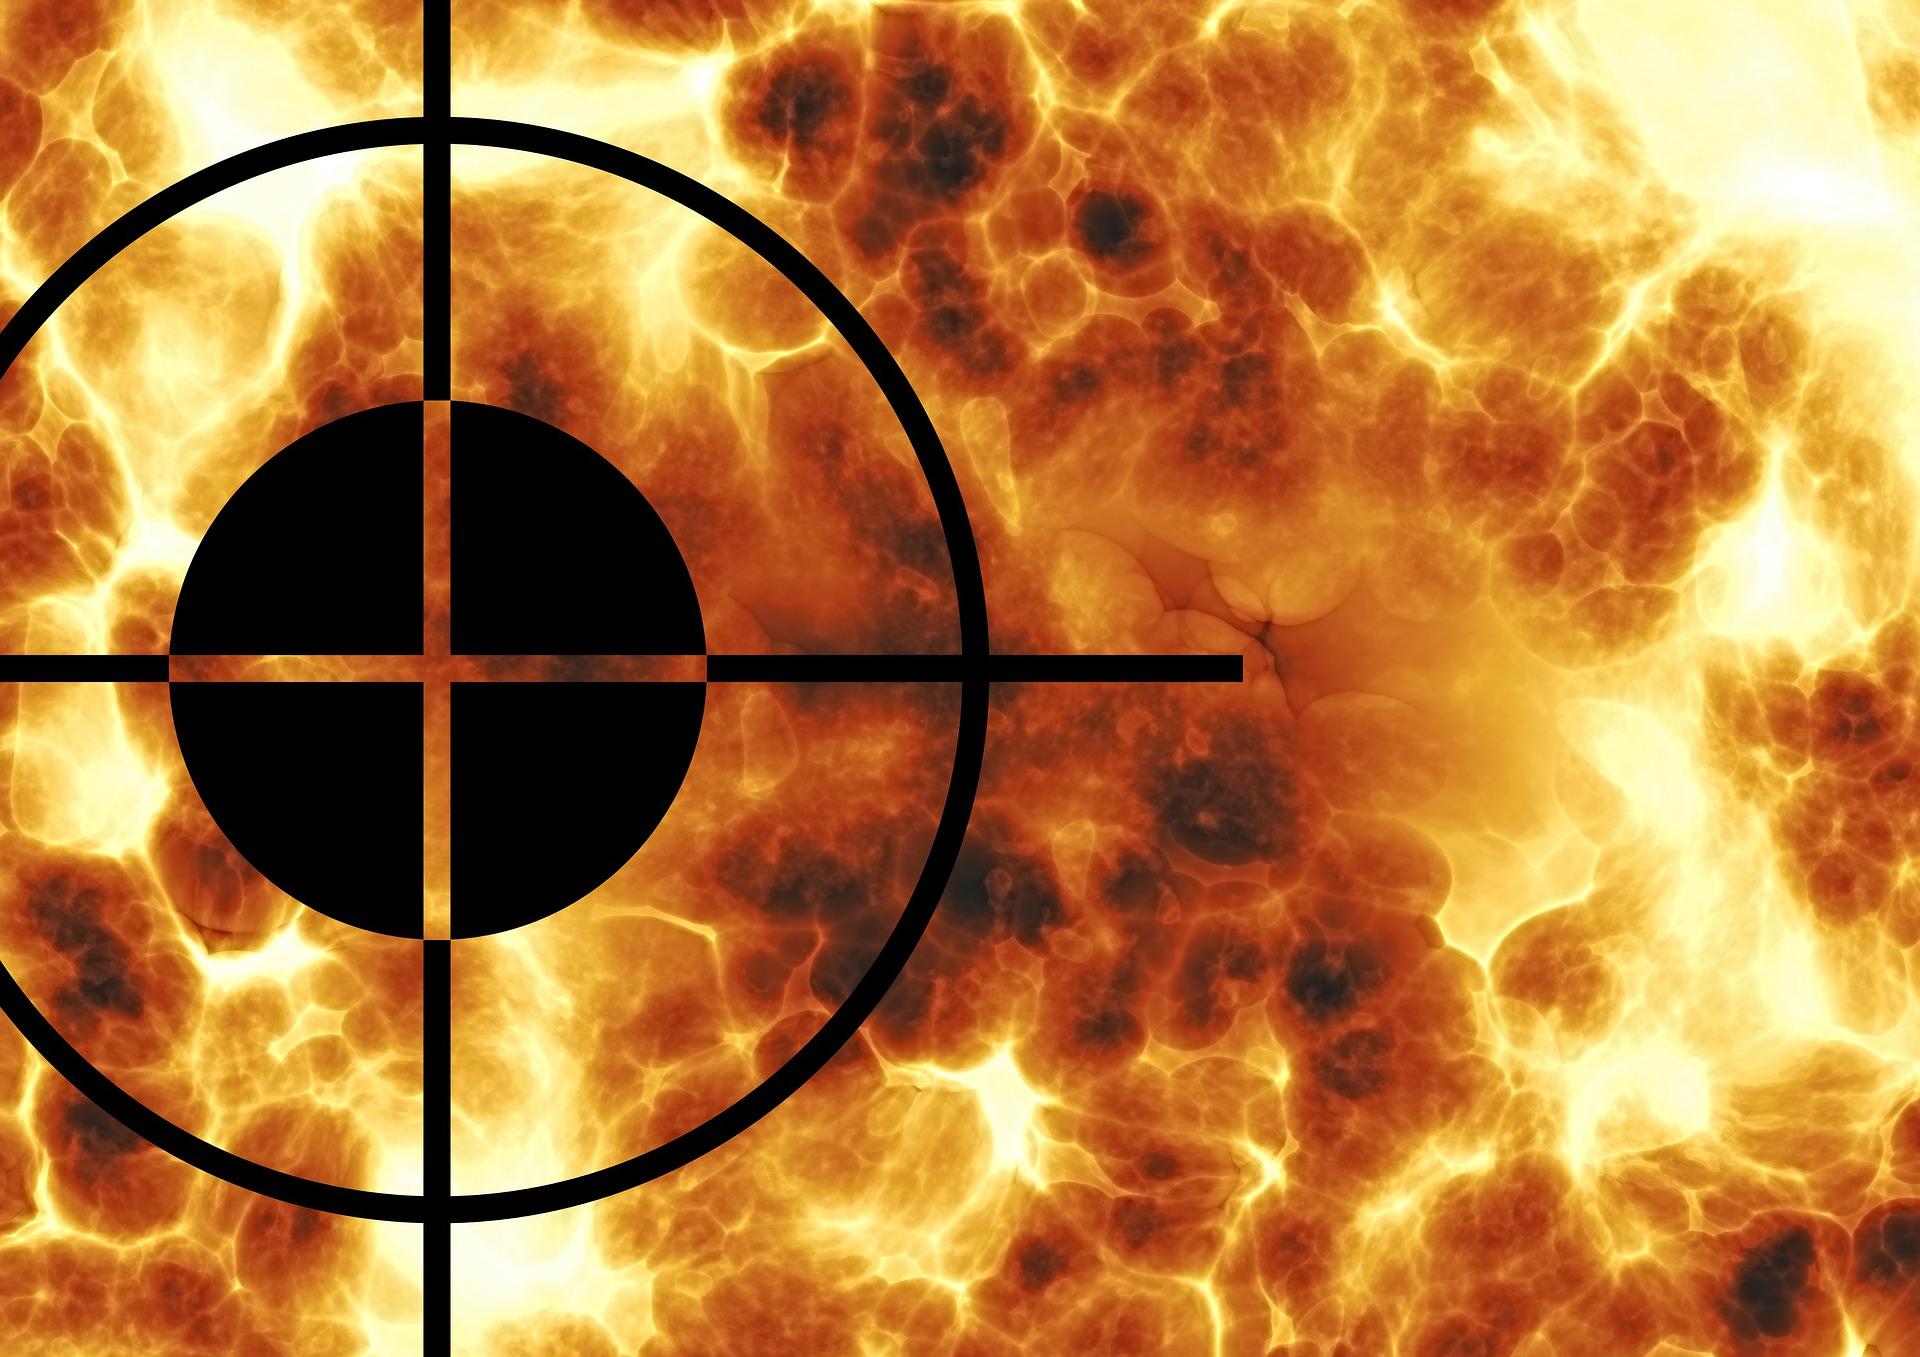 Polizeilicher Staatsschutz ermittelt nach Beschädigungen in Neukölln